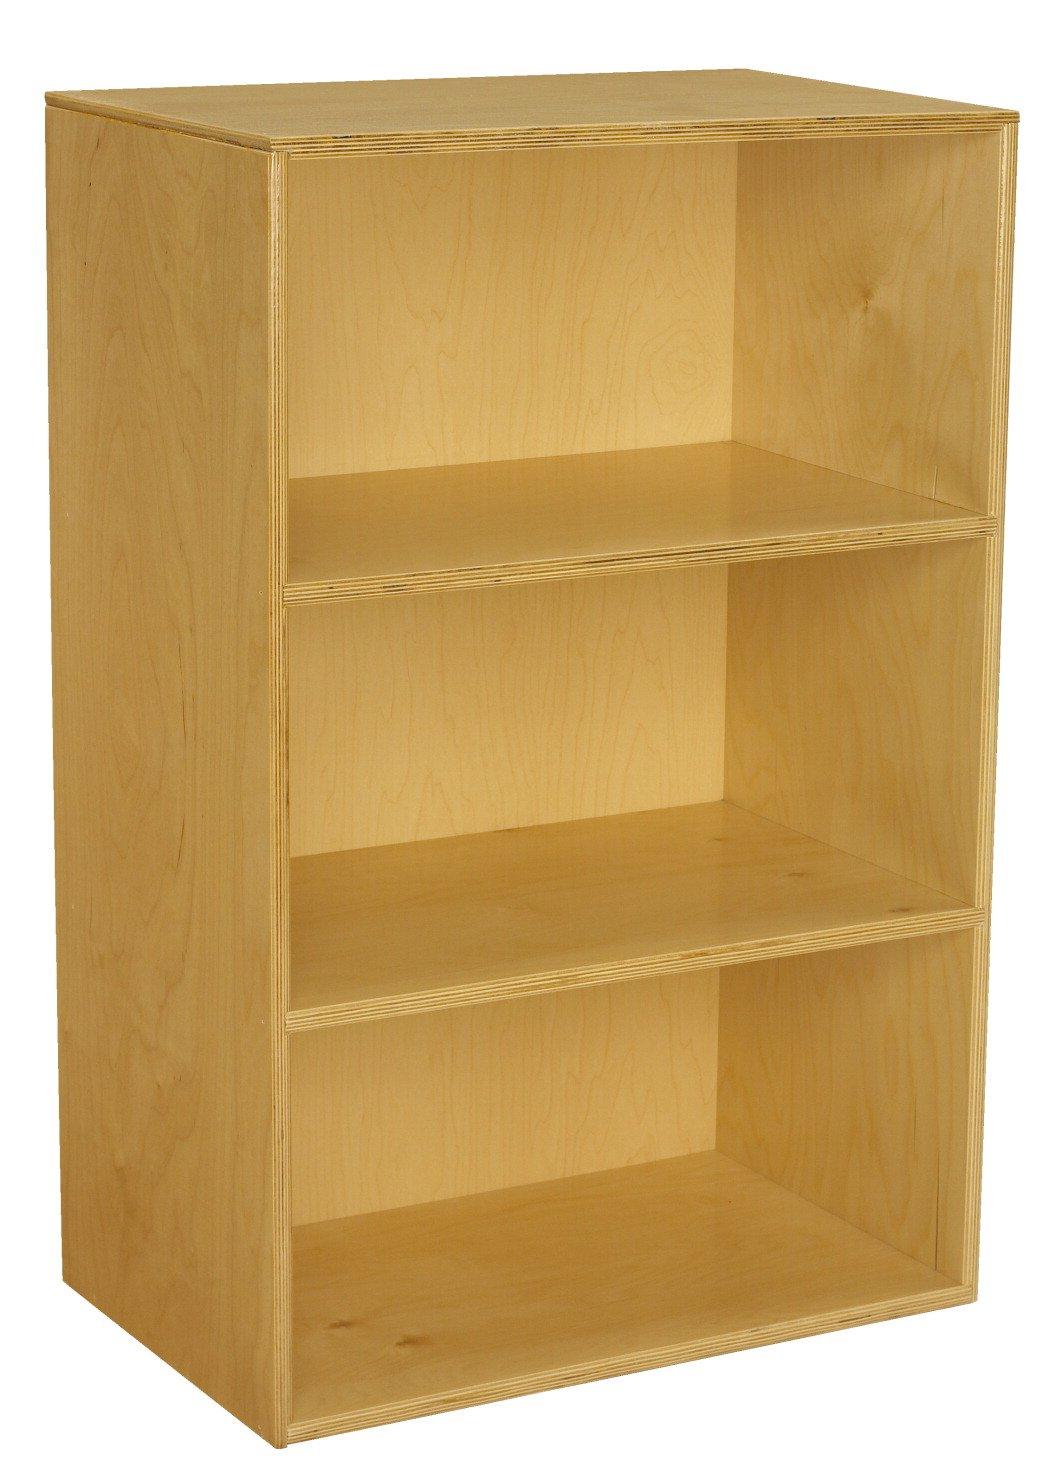 Childcraft Narrow Storage Unit, 23-3/4 W x 14-3/4 D x 36 H in